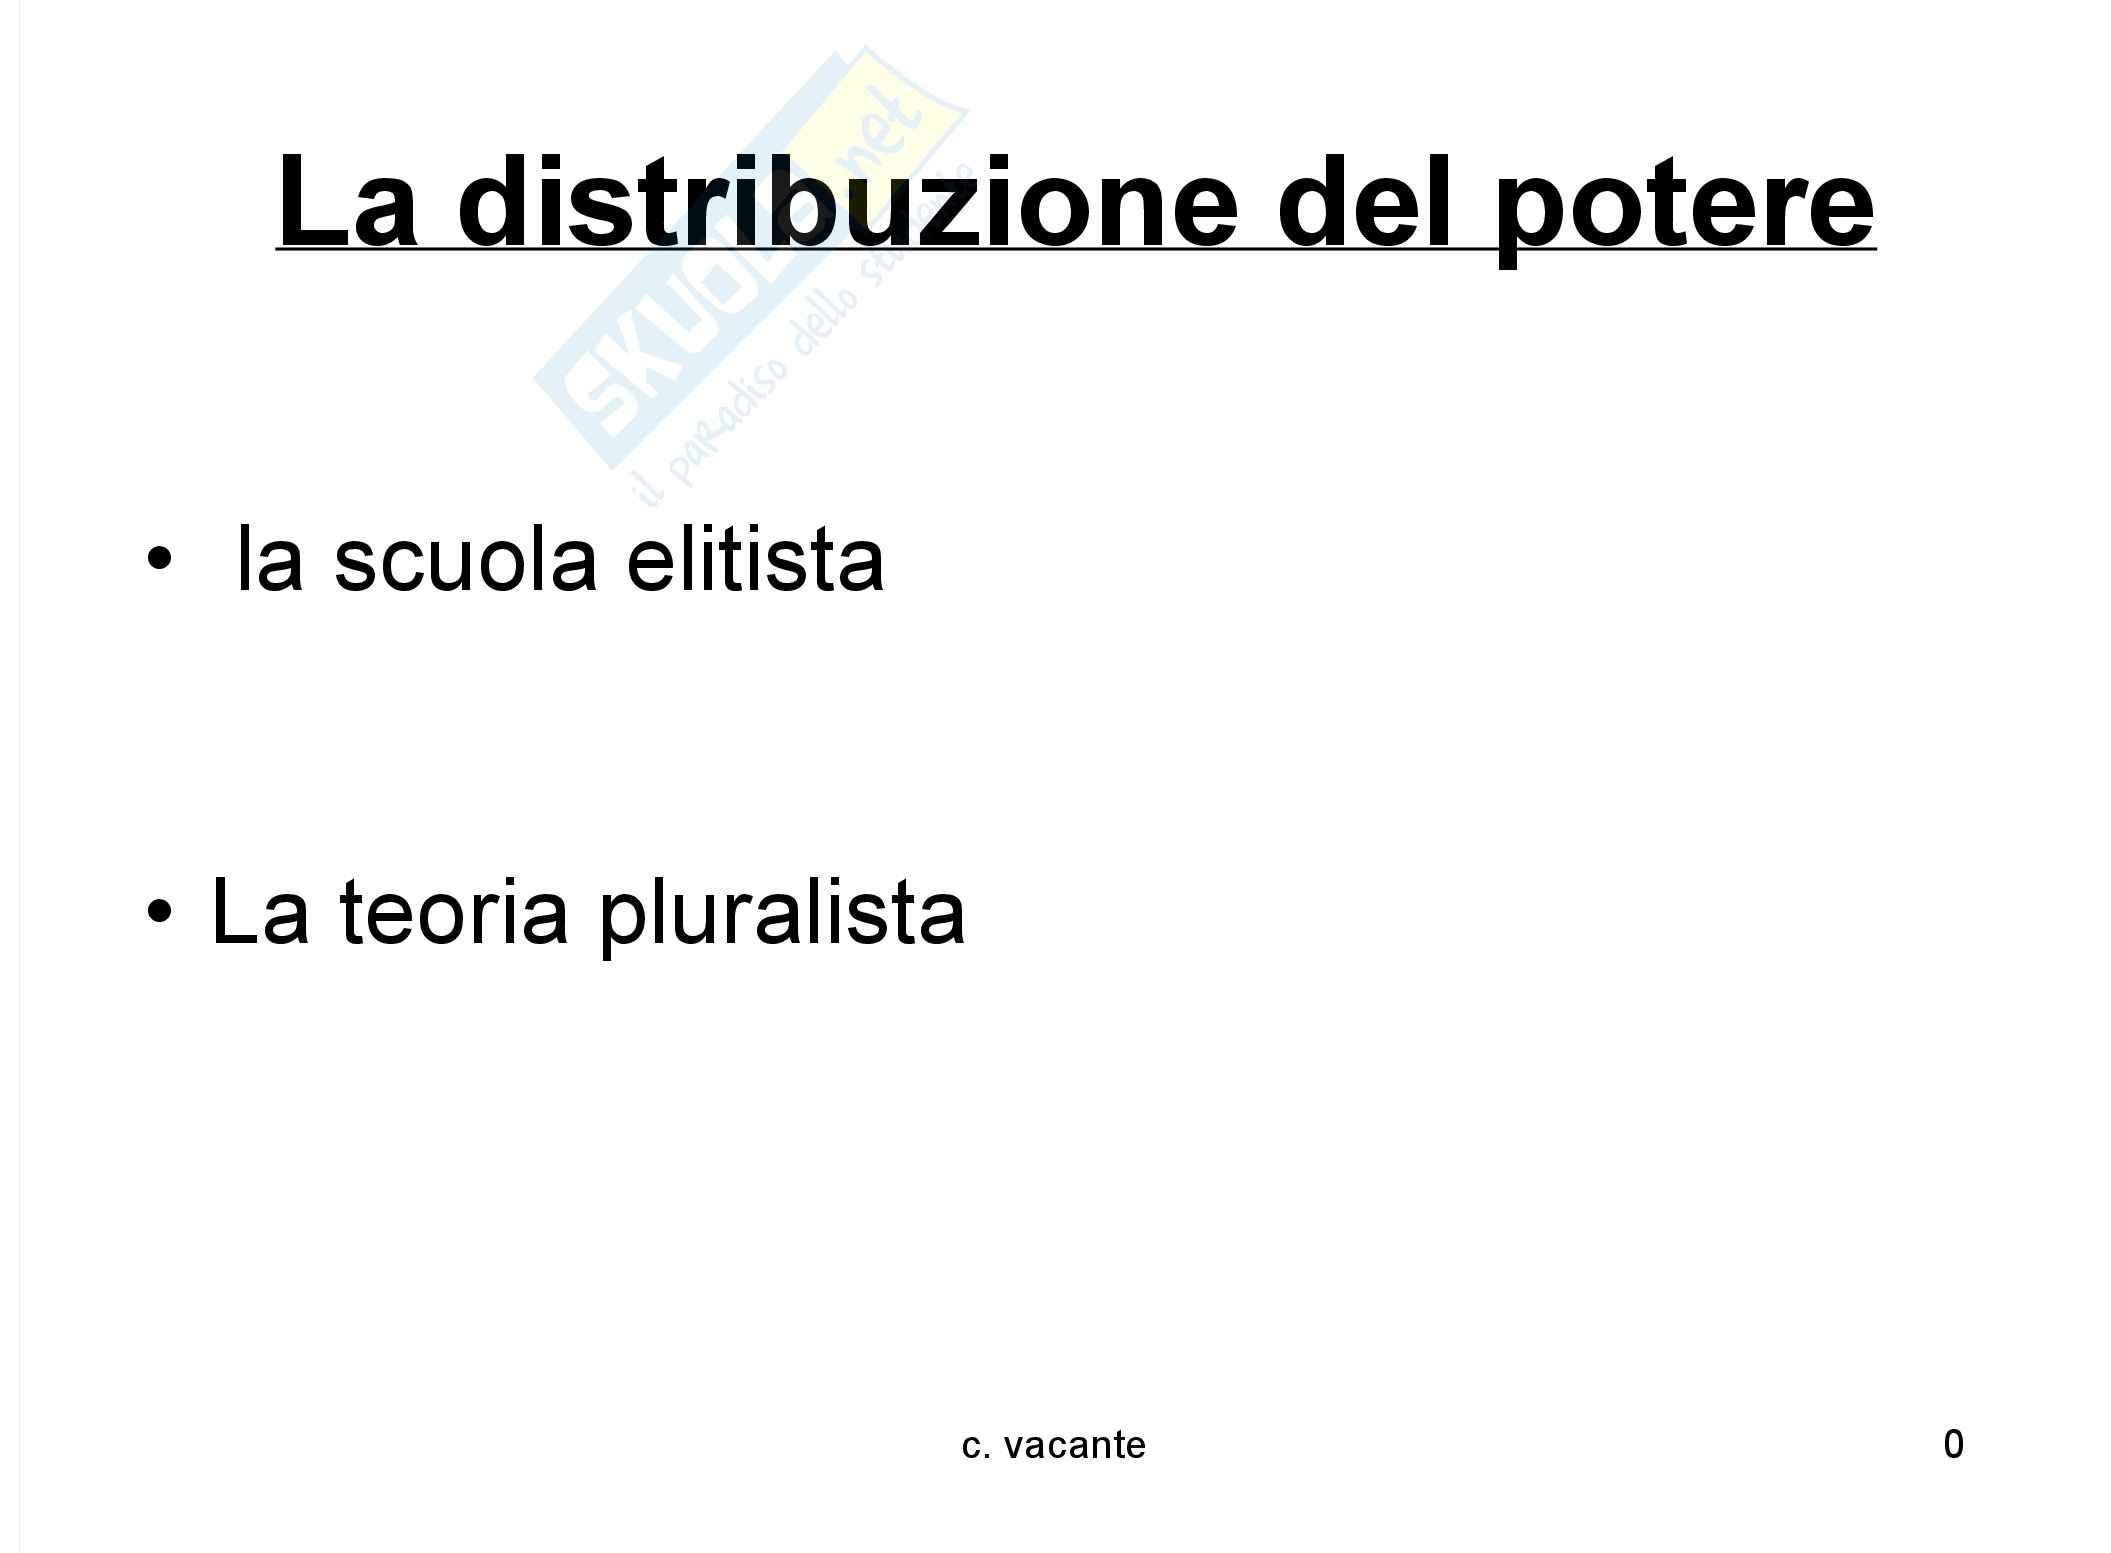 Sociologia dei fenomeni politici - il potere - appunti Pag. 41